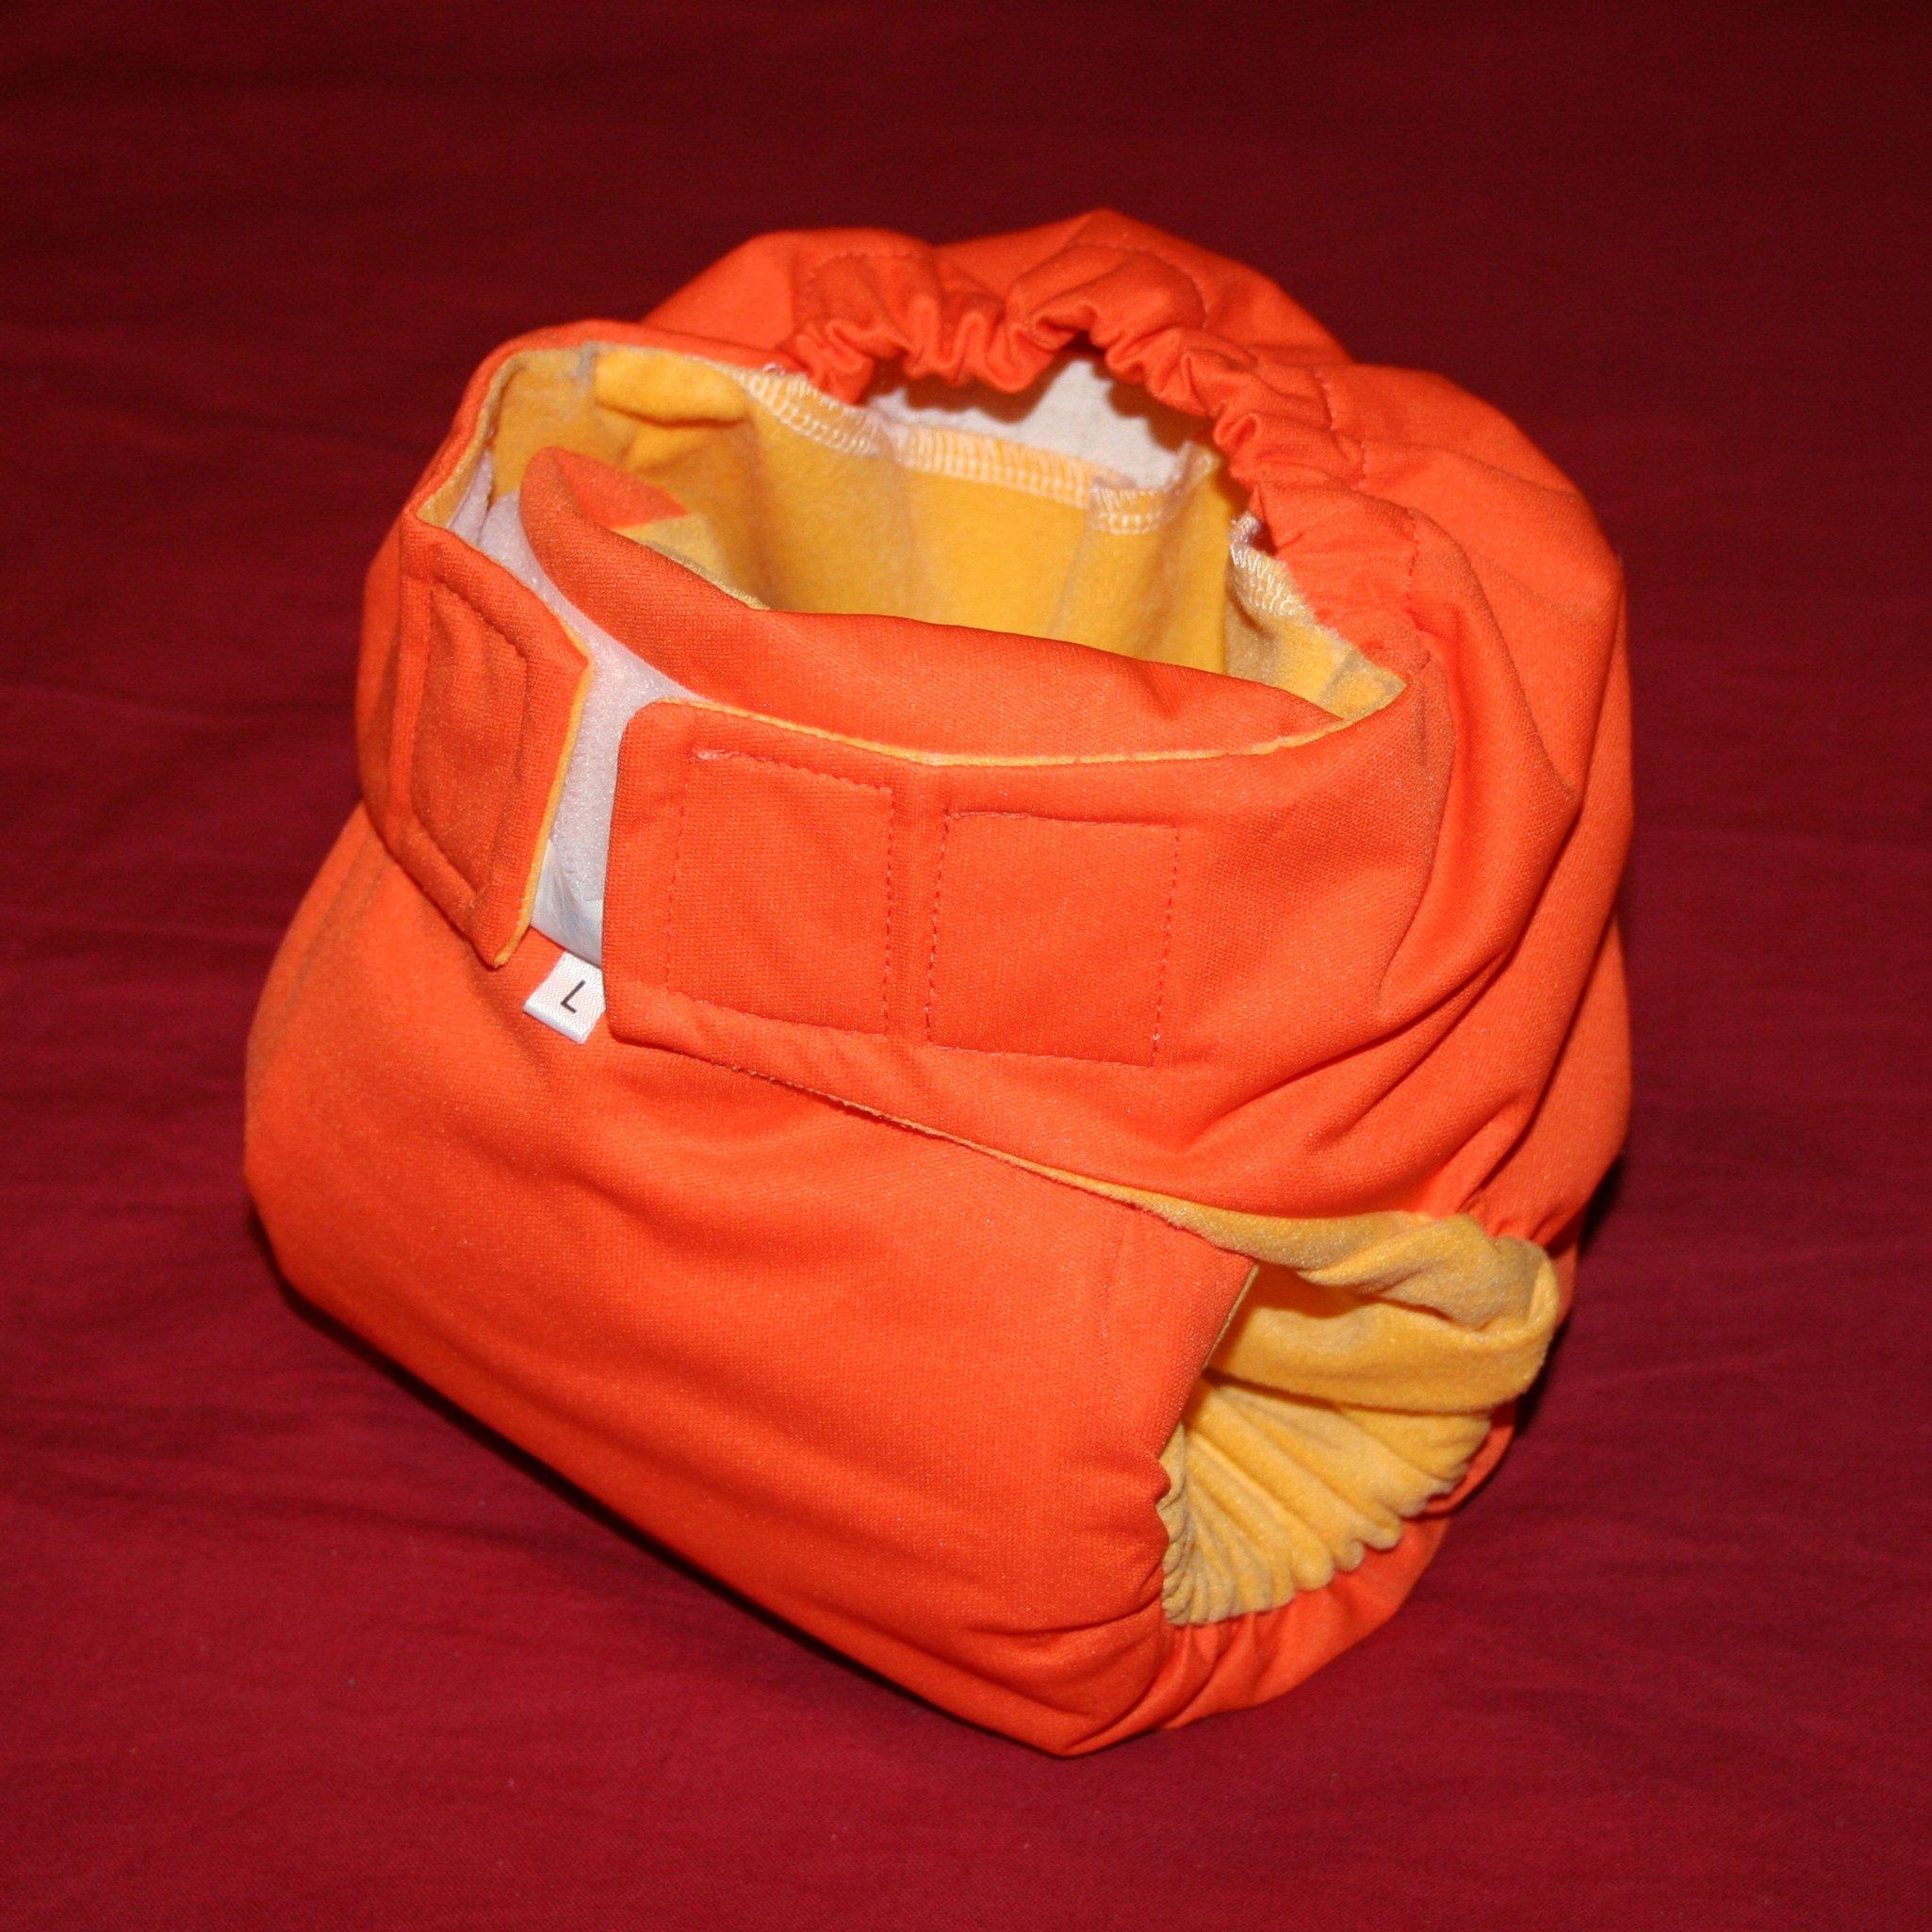 nasa diapers - photo #27